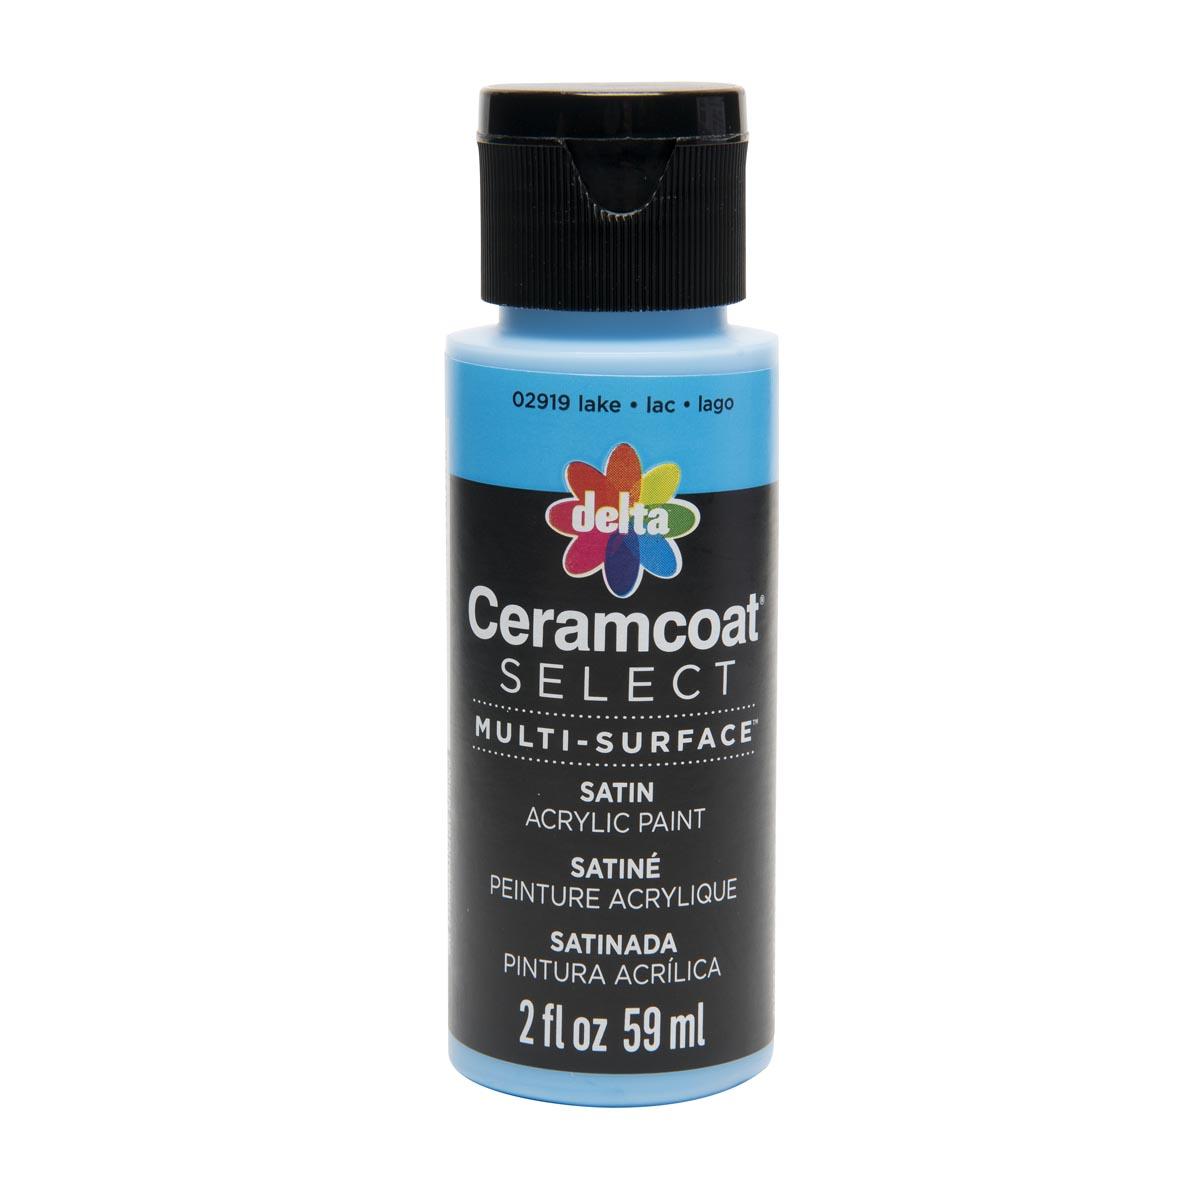 Delta Ceramcoat ® Select Multi-Surface Acrylic Paint - Satin - Lake, 2 oz. - 02919